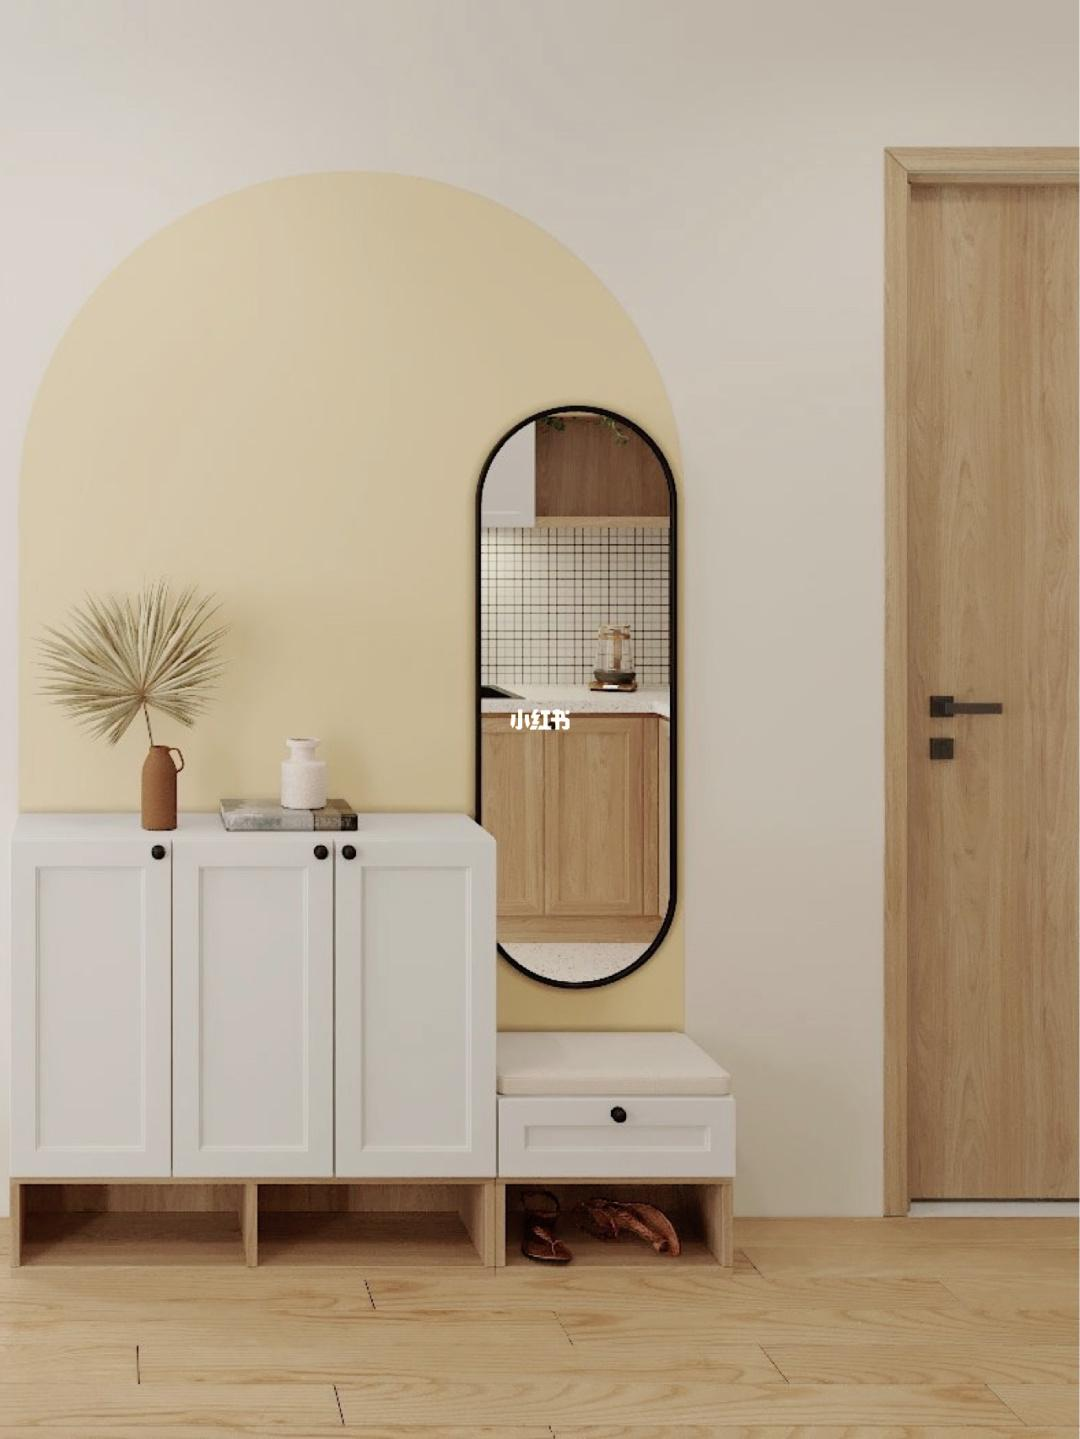 玄关这里的小设计感,出门前还可以先照个镜子_okjer.com